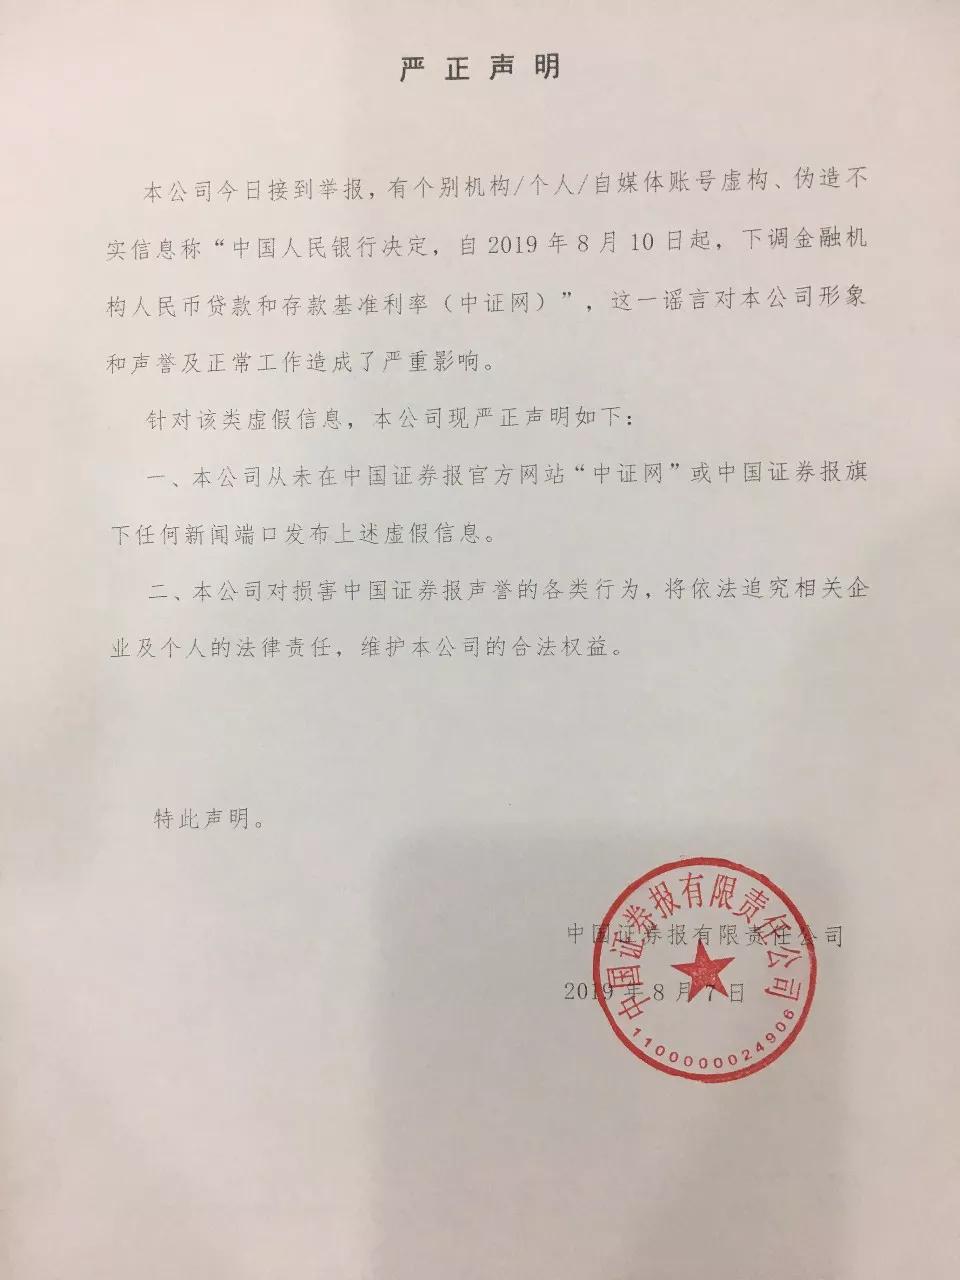 《亚博》中国证券报:否认发布过降低基准利率消息-市场-首页-中国网地产